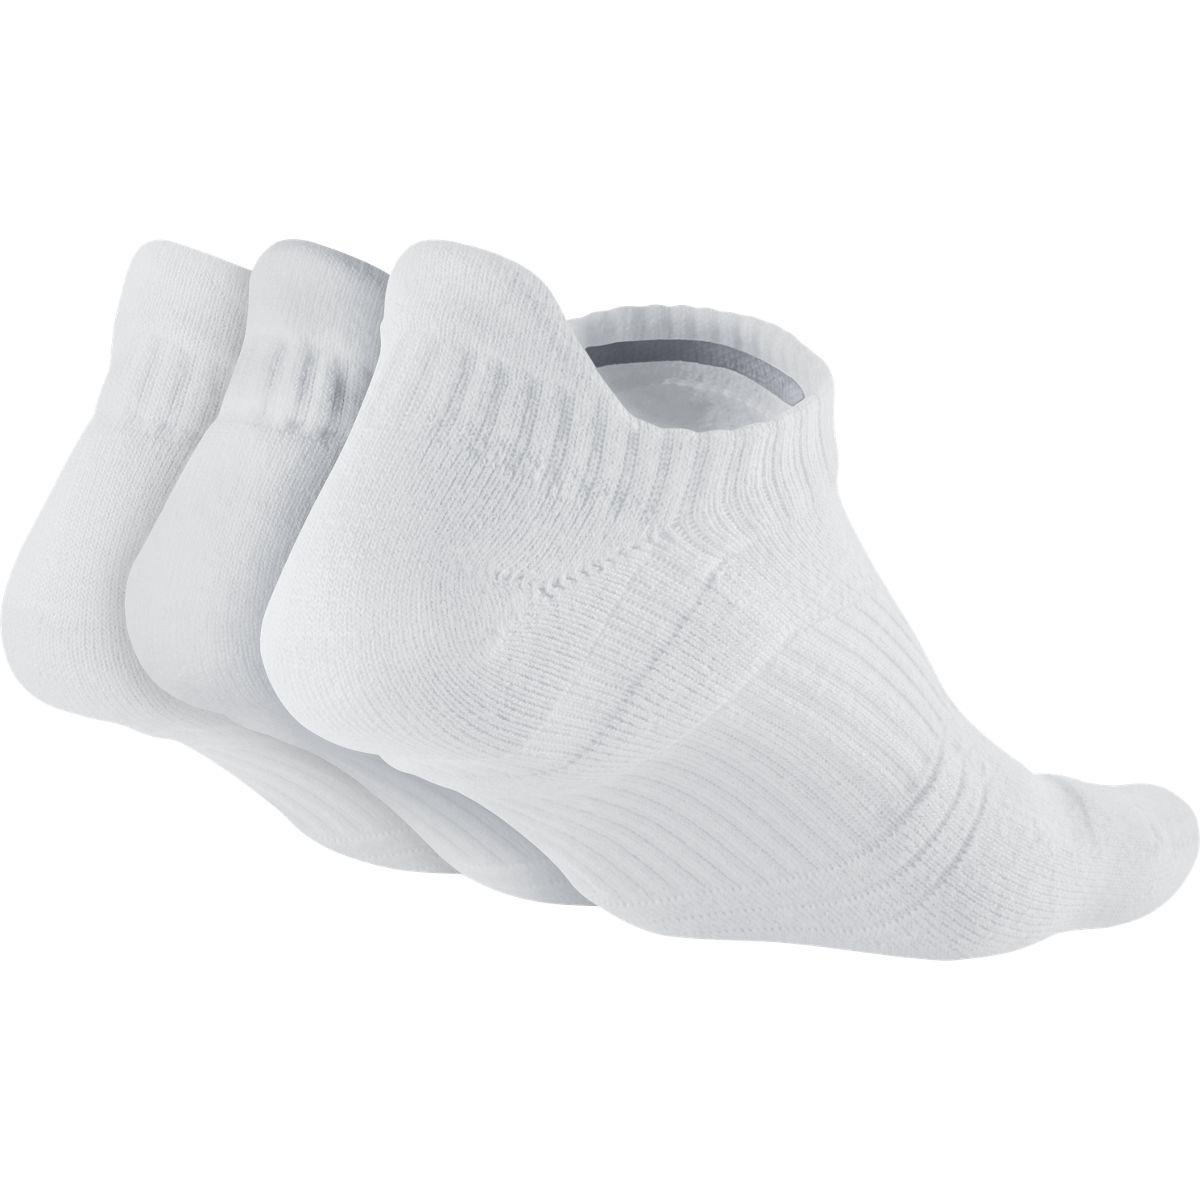 official photos 43c3e a079c Nike Womens Dri-FIT Cushion No-Show Tab Socks (3 Pairs) -